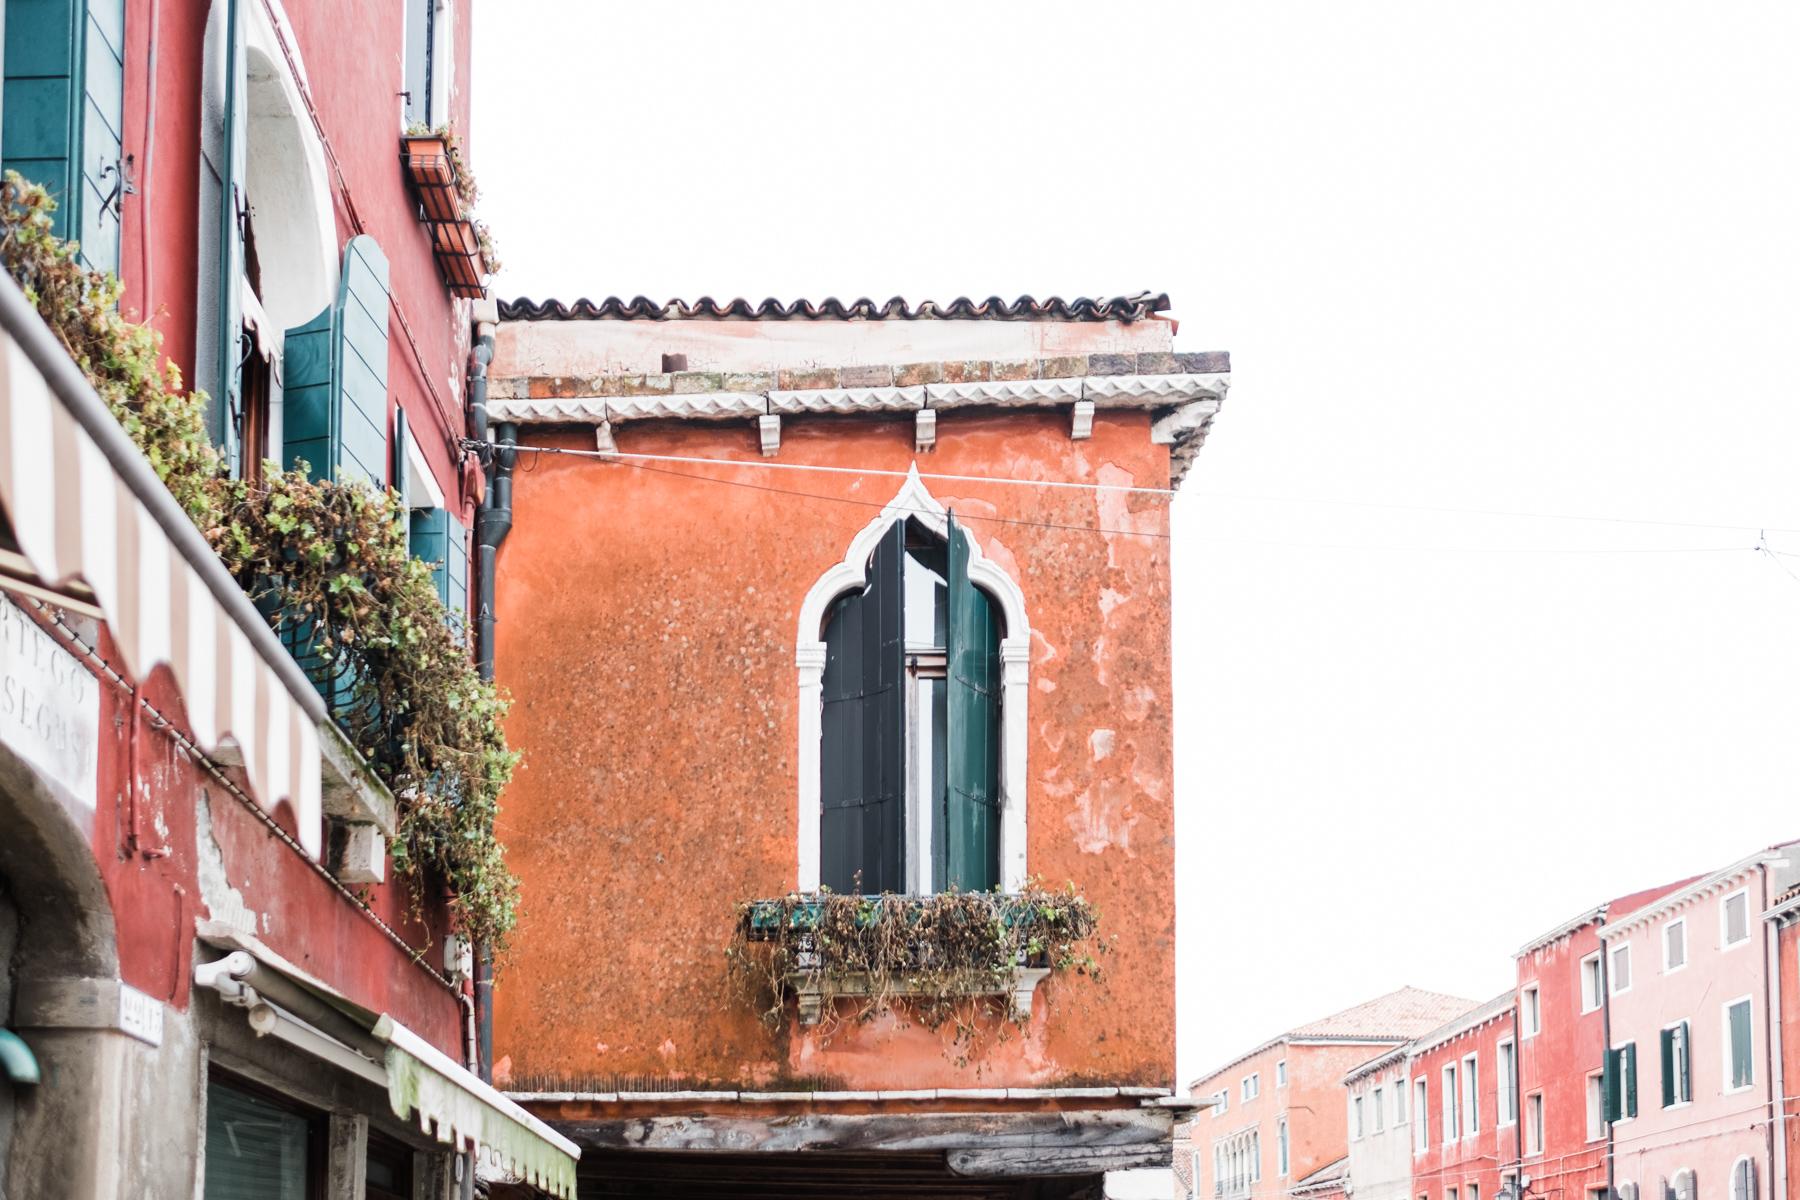 Venice_deersphotography-137